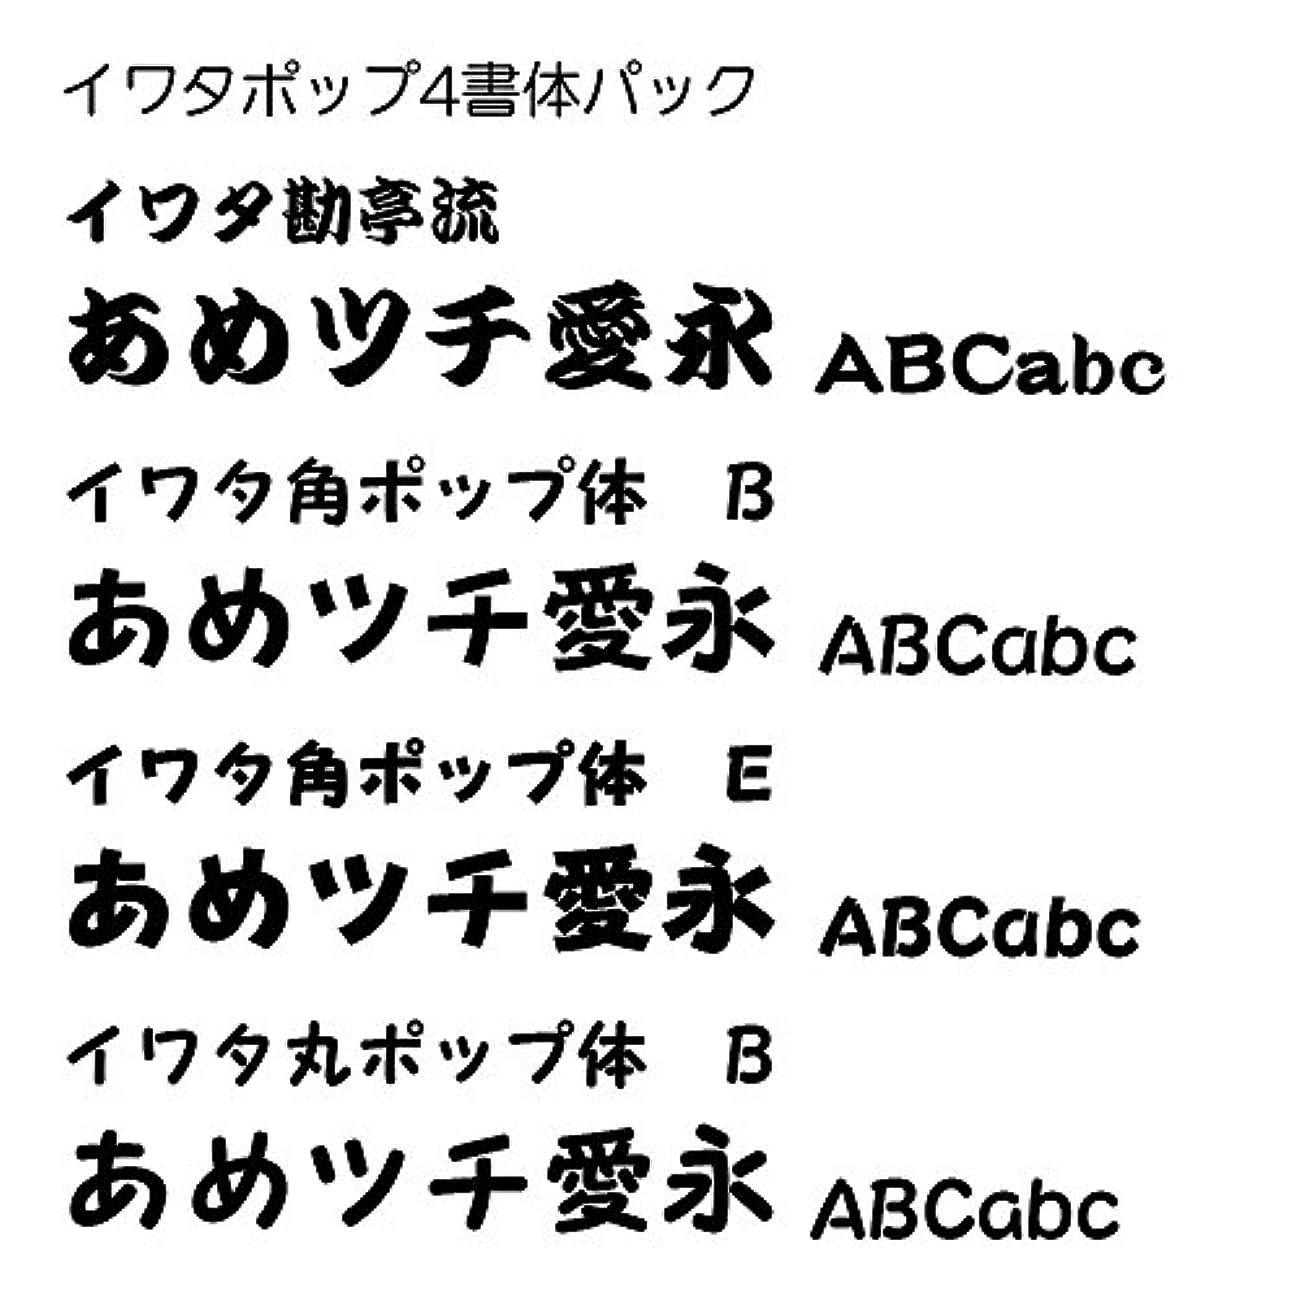 イワタポップ4書体(イワタ角ポップB?イワタ角ポップE?イワタ丸ポップB?イワタ勘亭流) TrueType Font for Windows [ダウンロード]